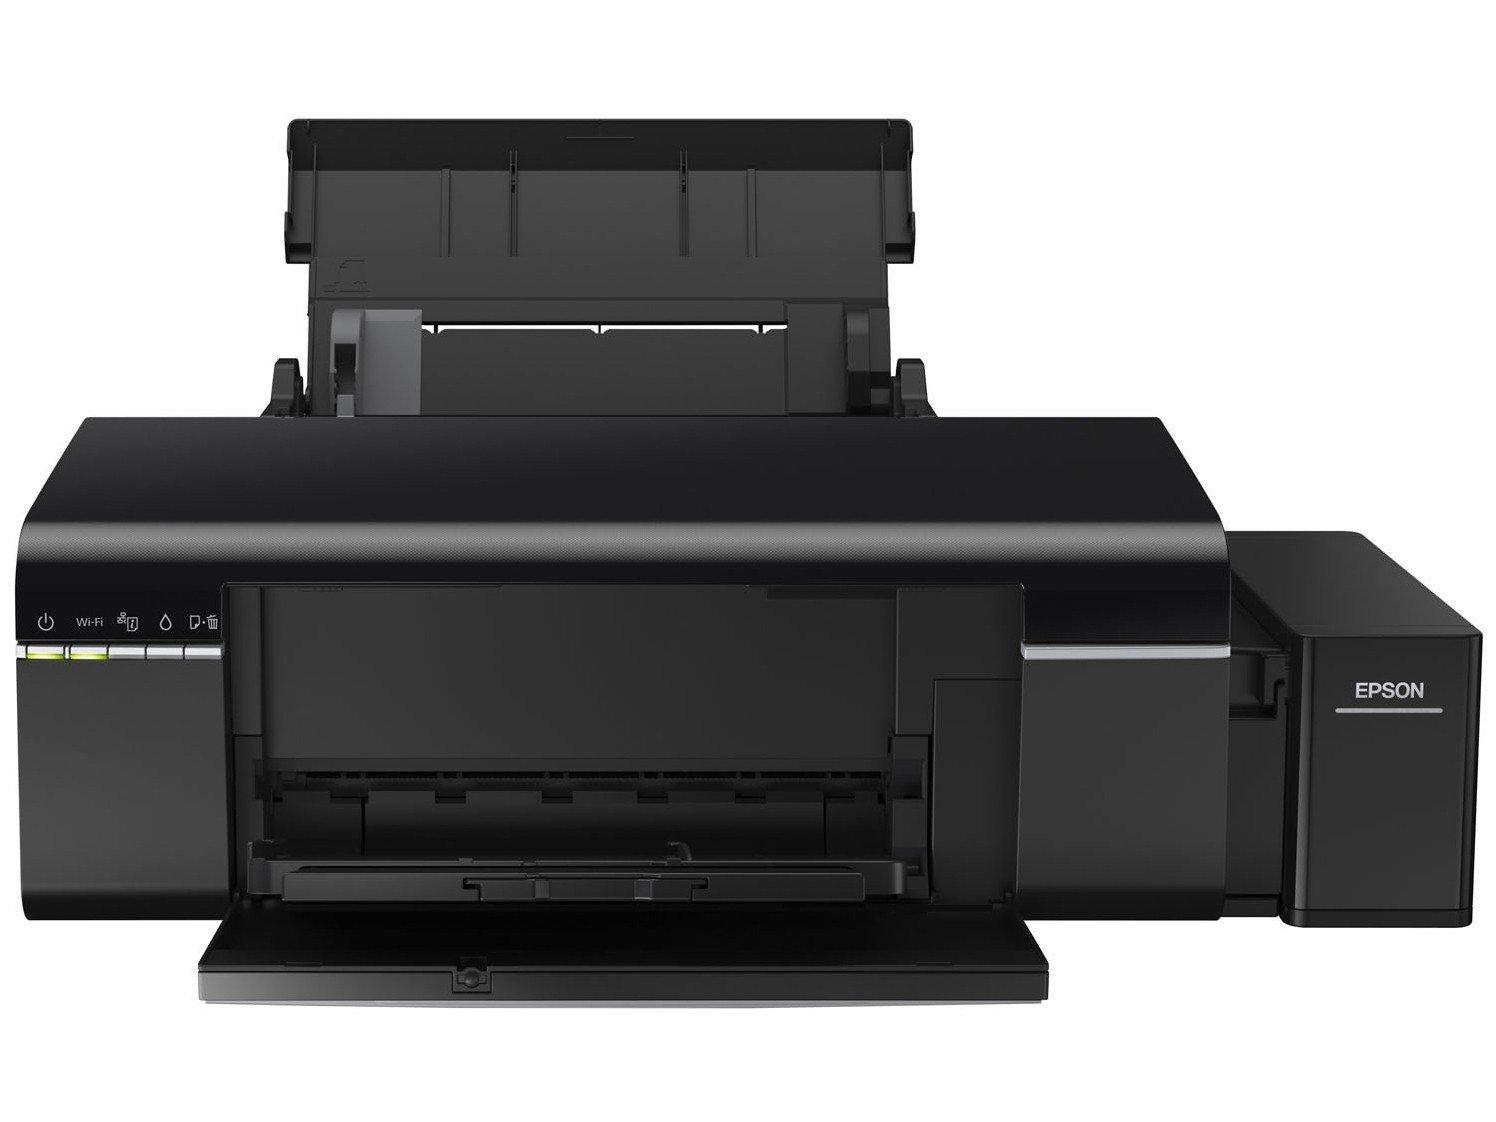 Foto 5 - Impressora Multifuncional Epson EcoTank L805 - Jato de Tinta Wi-Fi Colorida USB